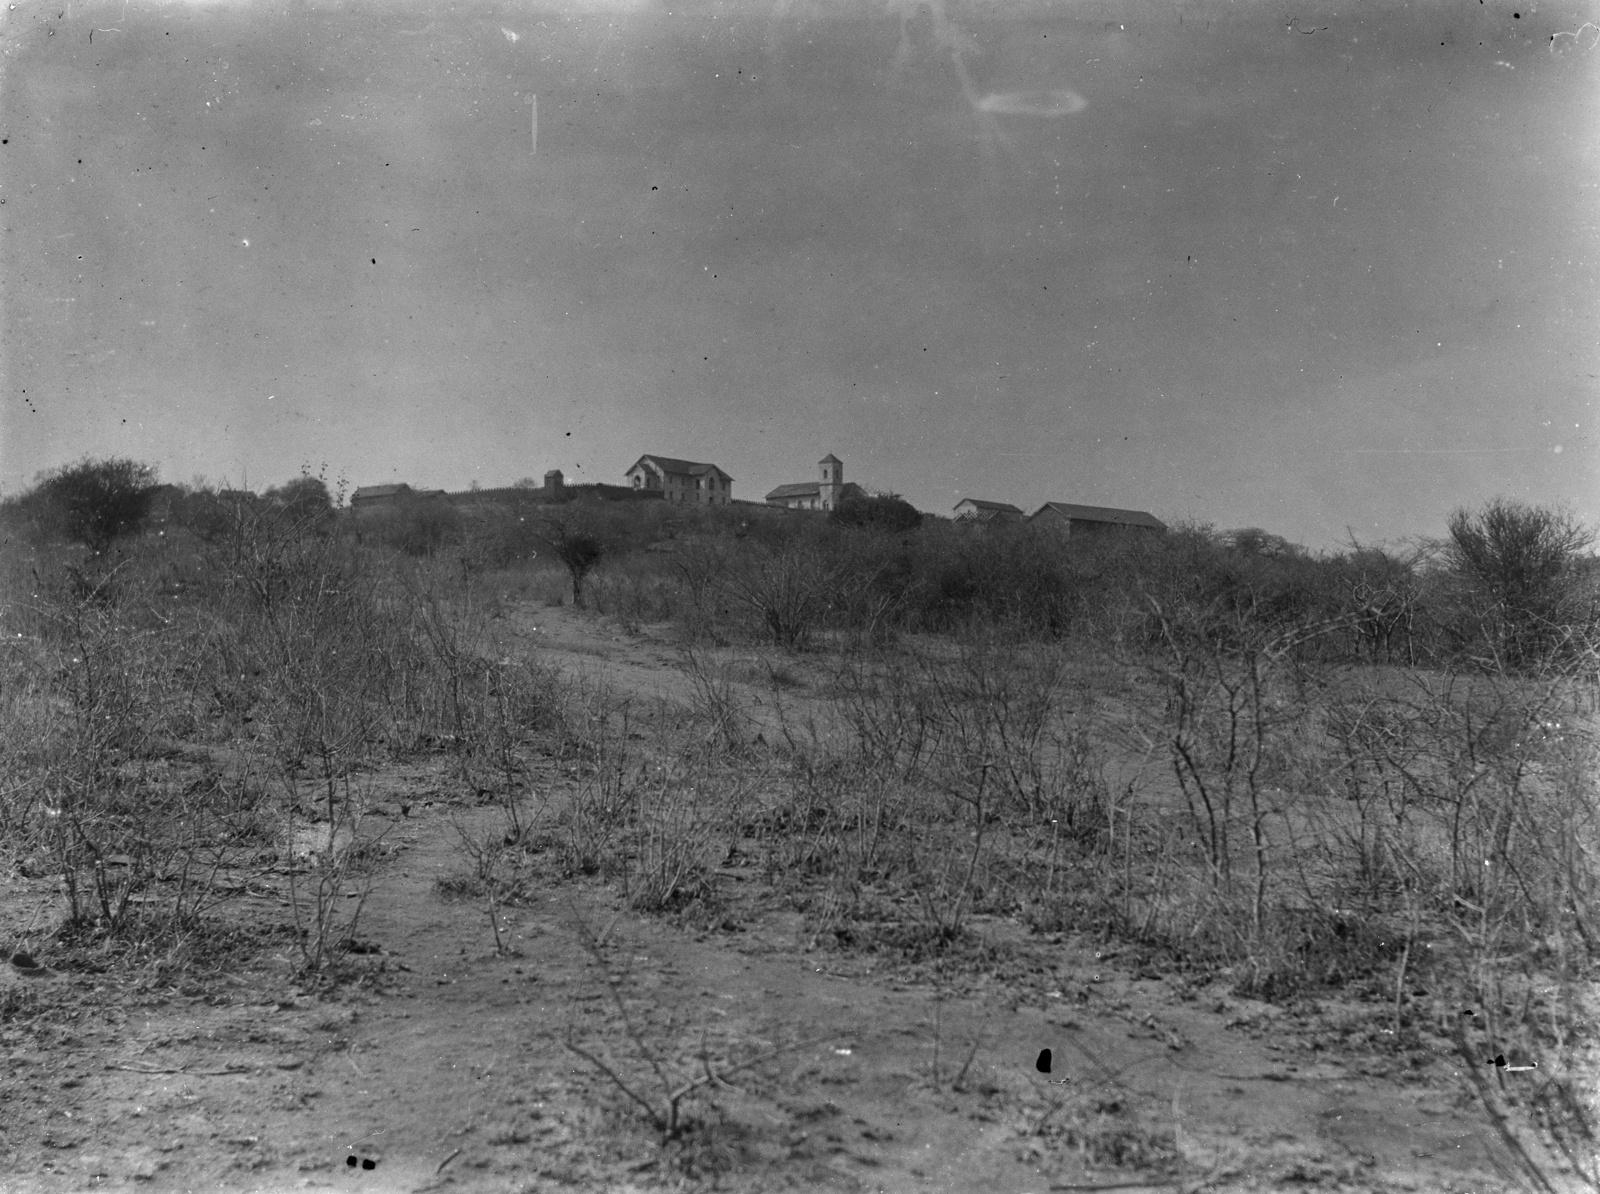 112. Миссионерское поселение в Торромаргорге